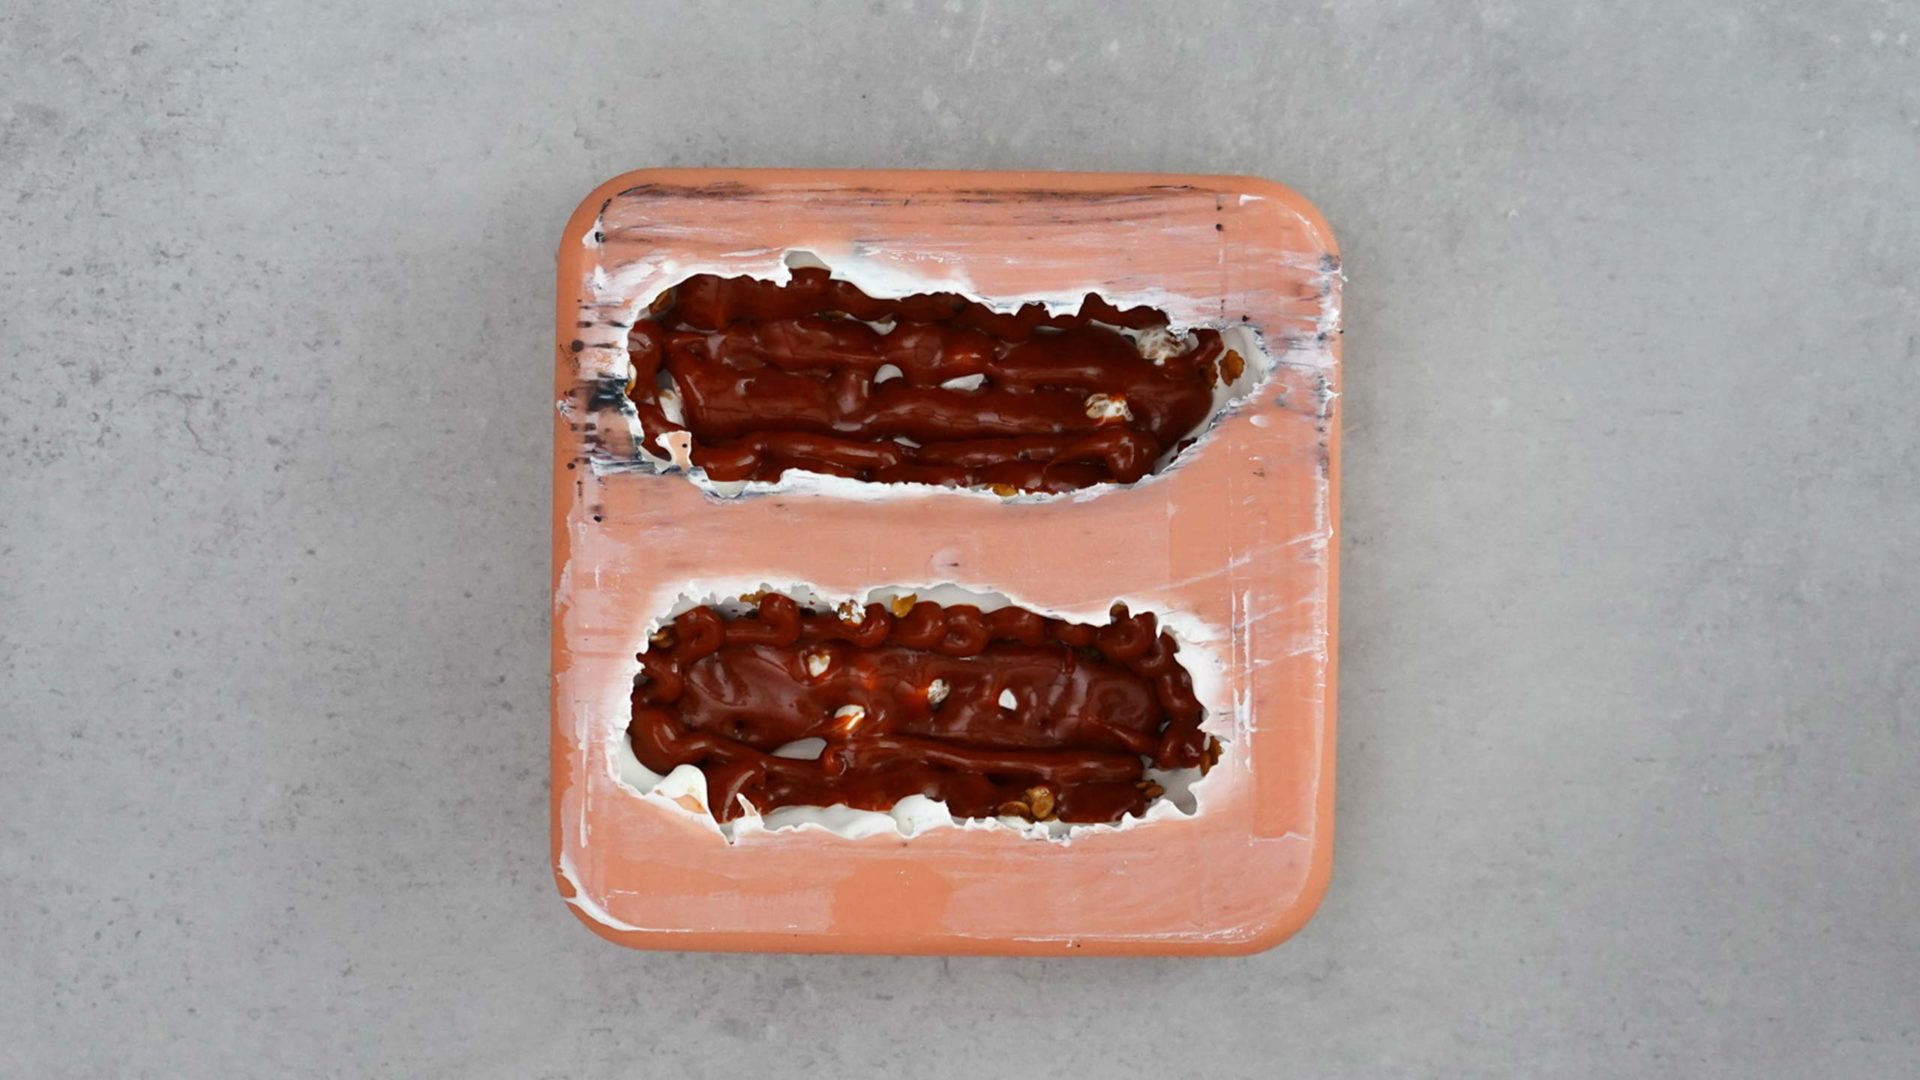 Gefüllte Schokoriegelform mit zwei Riegeln